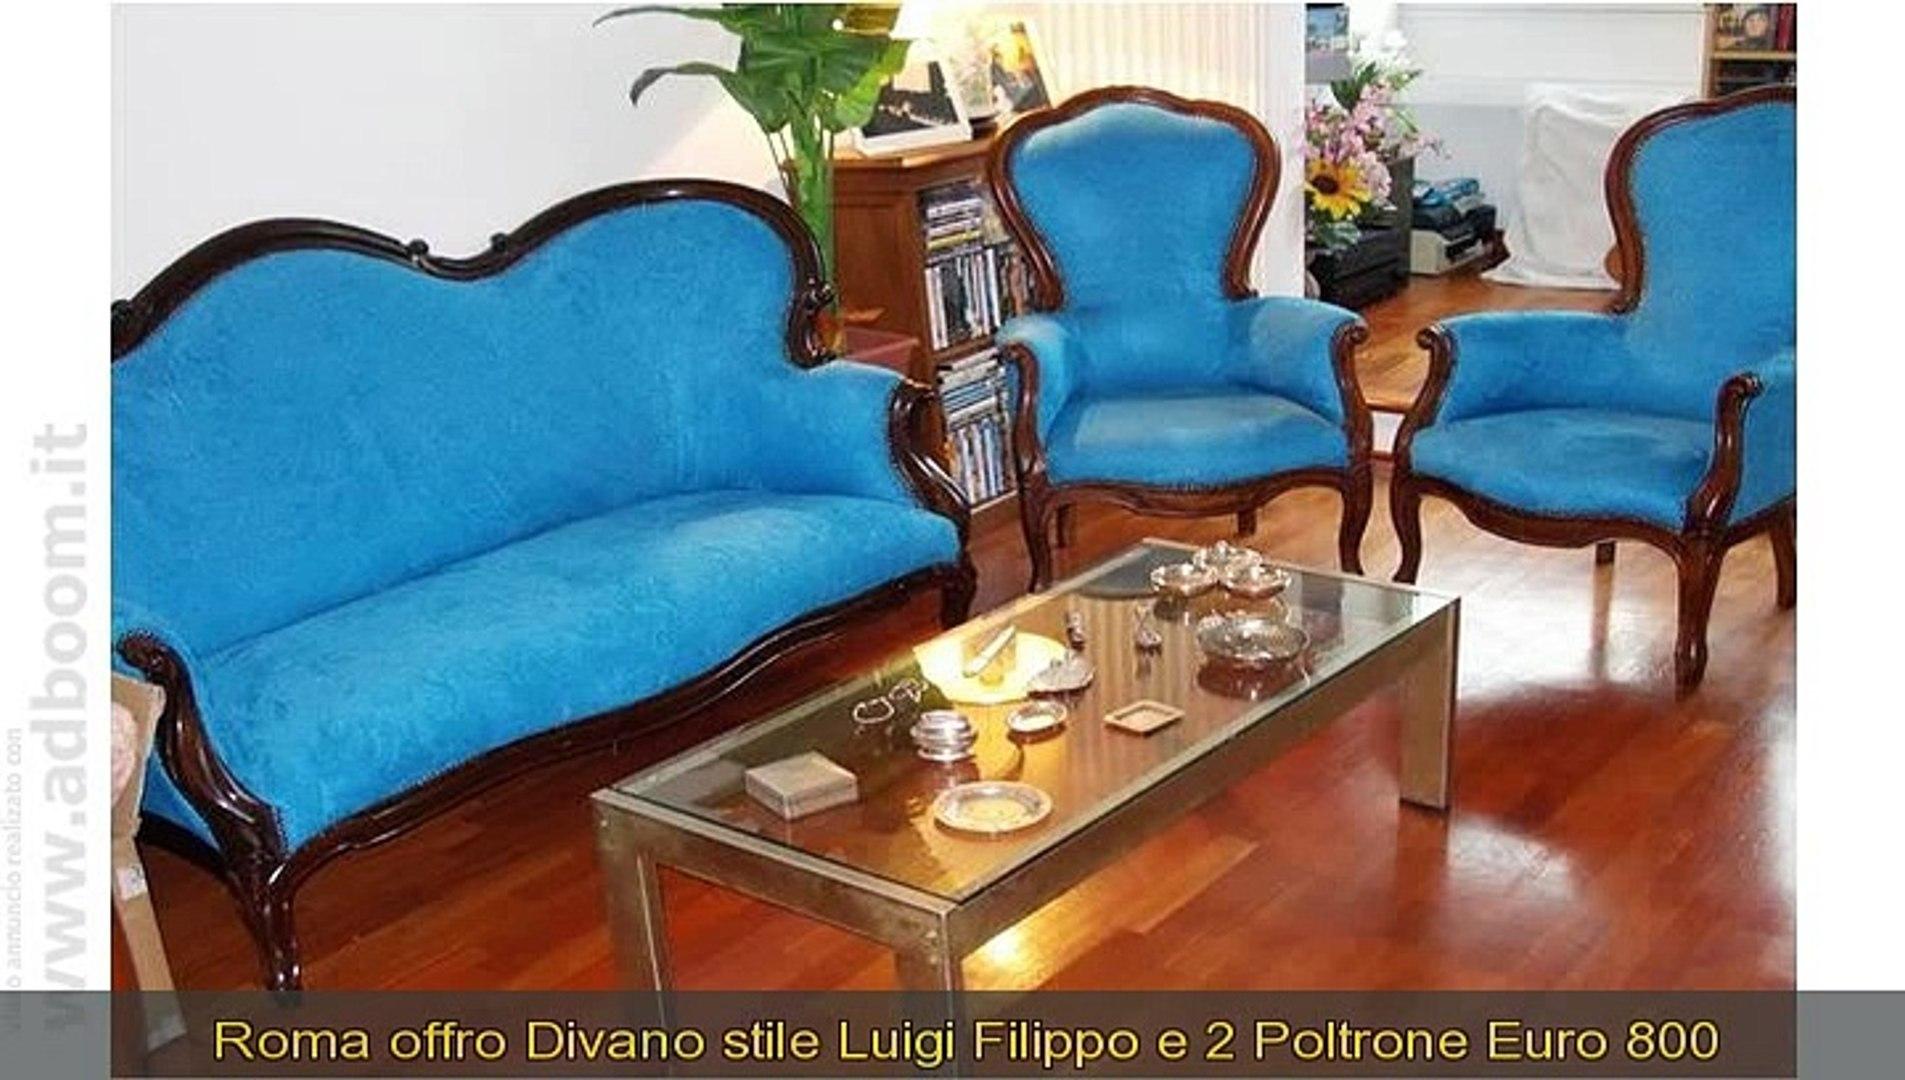 Divano E Poltrone Luigi Filippo roma, divano stile luigi filippo e 2 poltrone euro 800